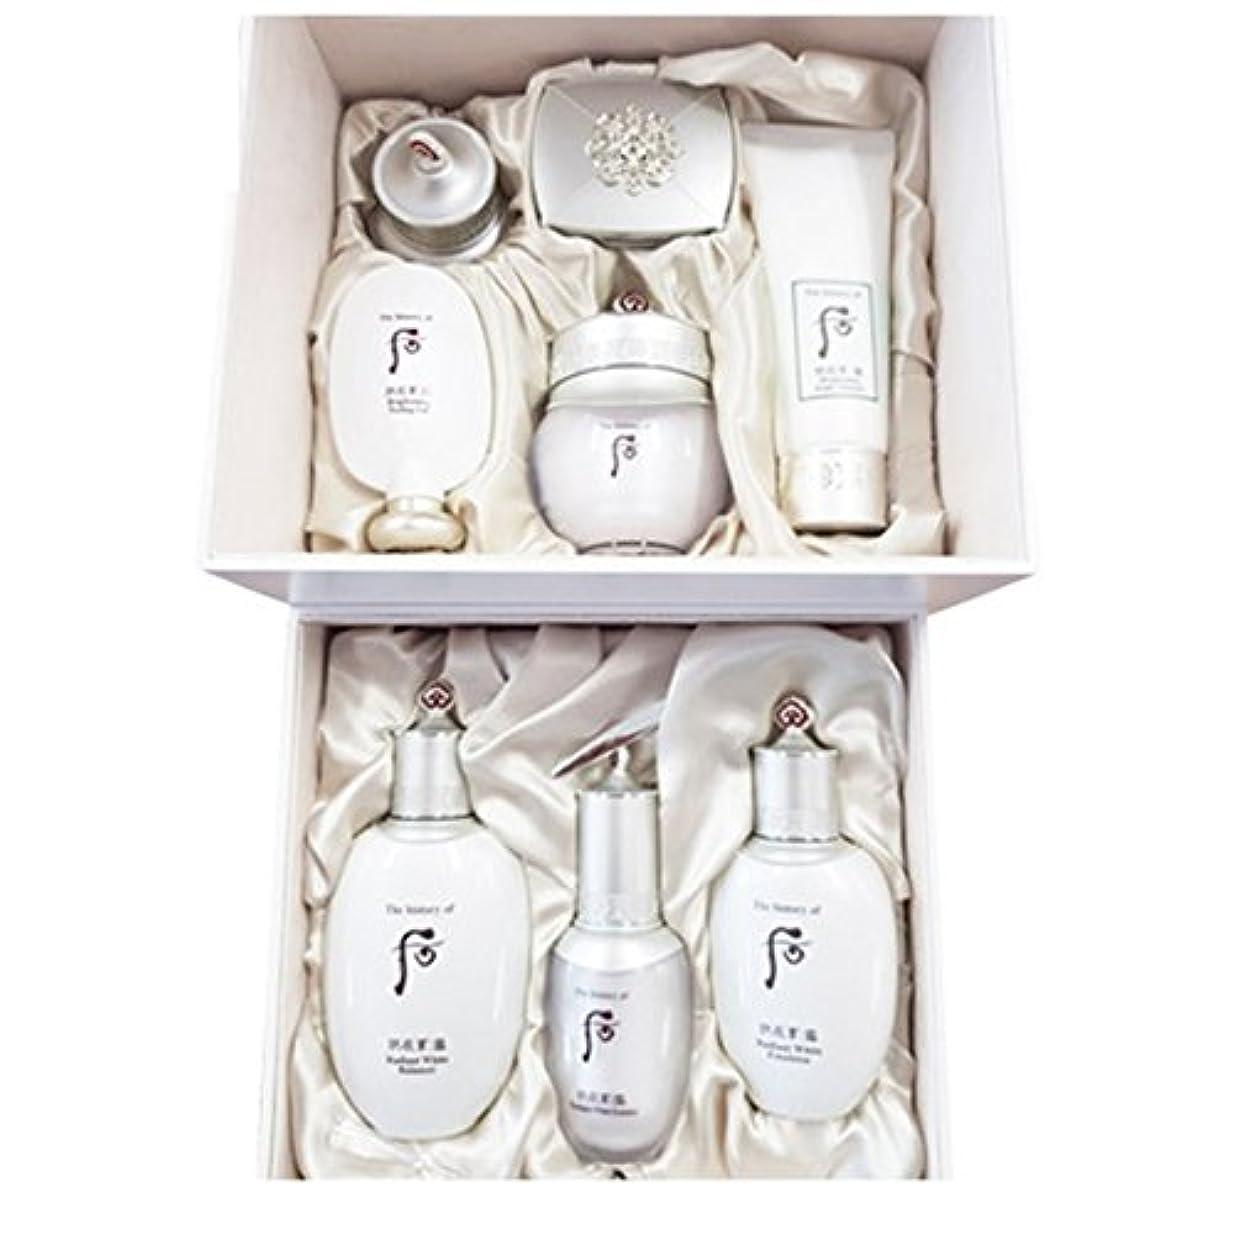 【フー/The history of whoo] Whoo 后 GONGJIN HYANG SEOL Whitening SkinCare Special Set/後純白スペシャルセット + [Sample Gift](...